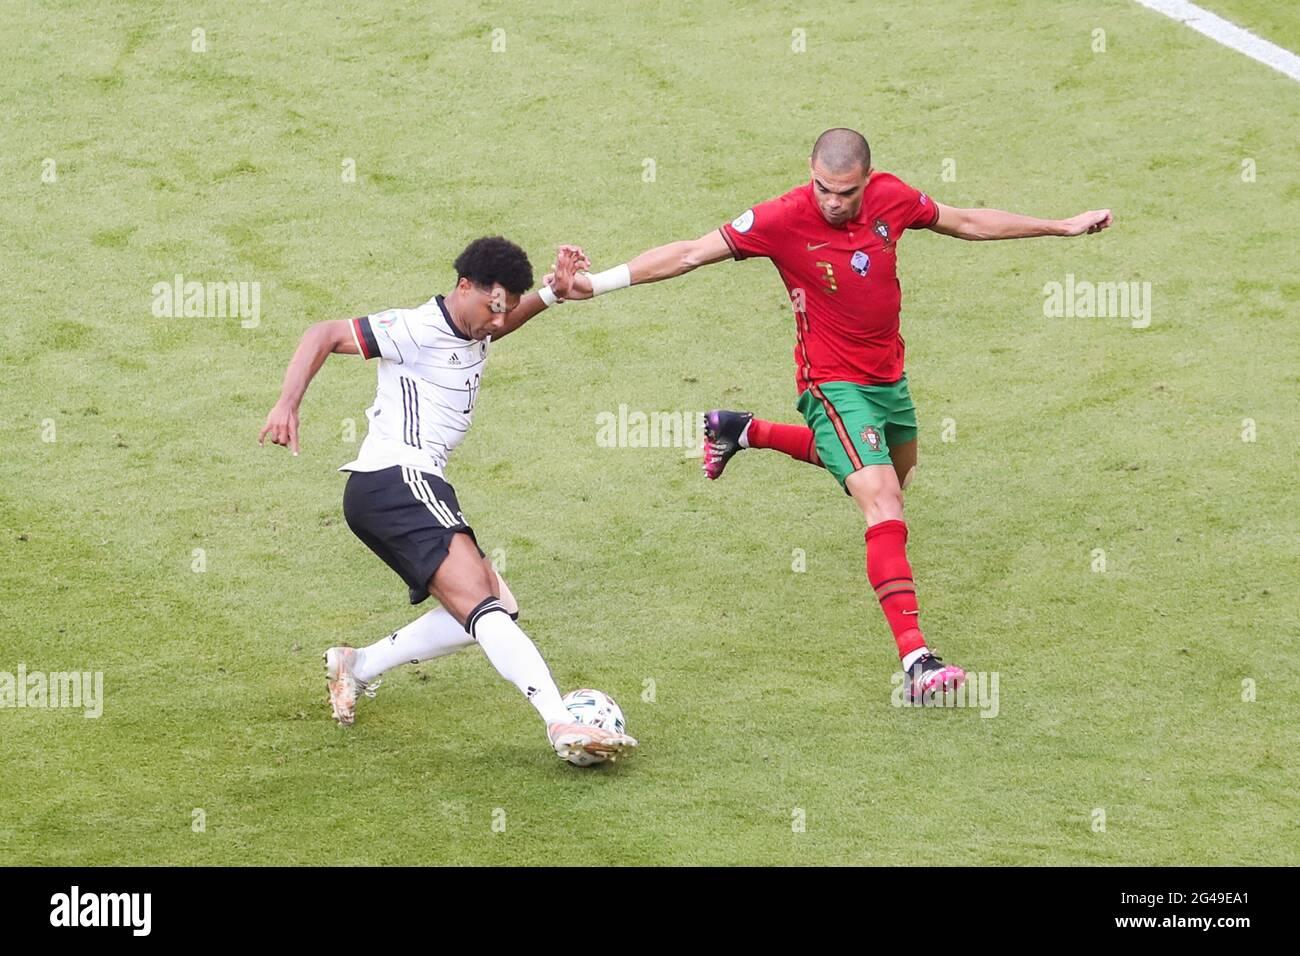 Munich, Allemagne. 19 juin 2021. Serge Gnabry (L) traverse la défense de Pepe, du Portugal, lors du match de championnat F de l'UEFA Euro 2020 à Munich, en Allemagne, le 19 juin 2021. Credit: Shan Yuqi/Xinhua/Alay Live News Banque D'Images